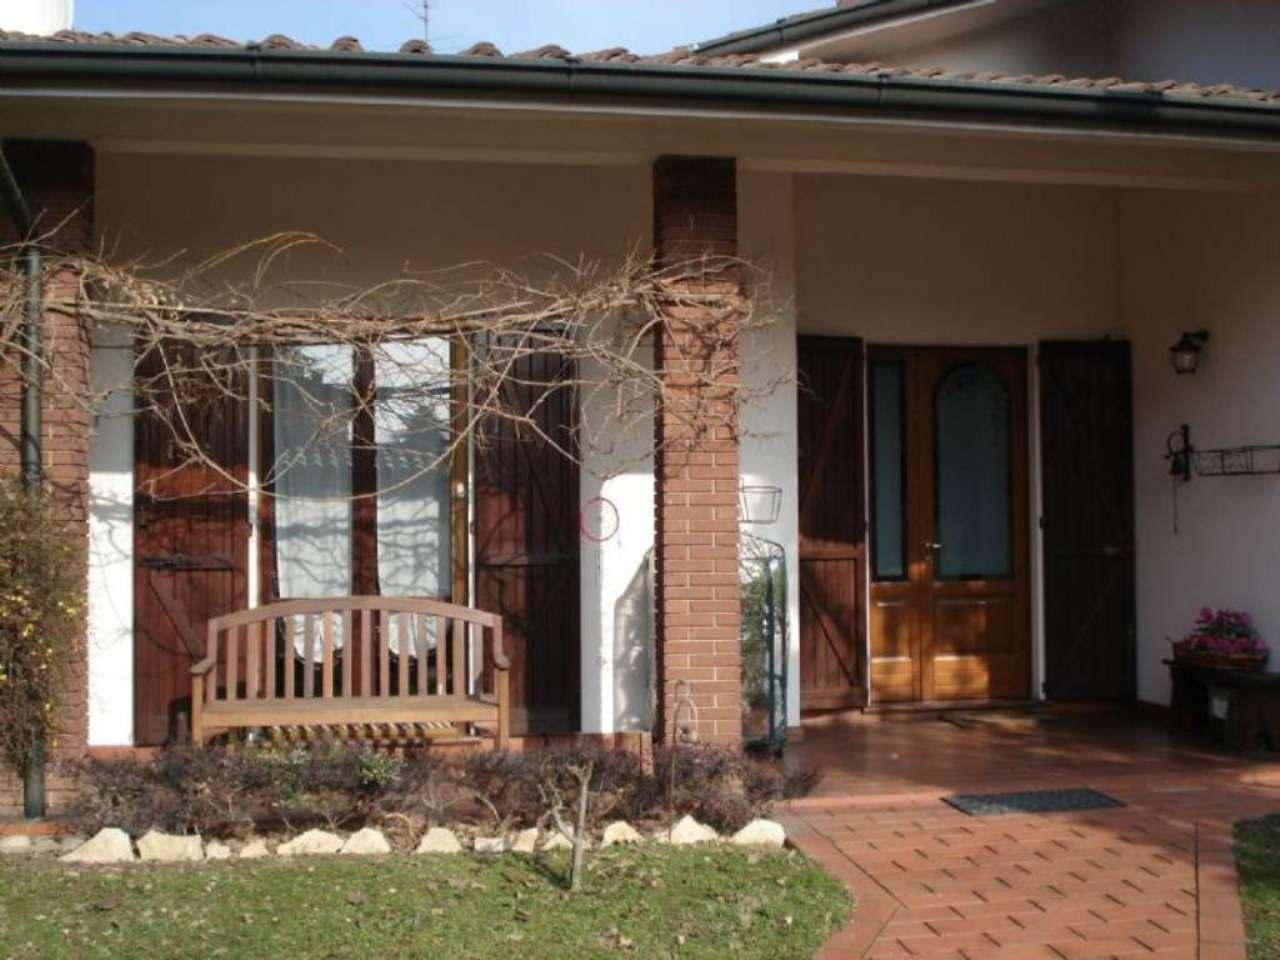 Villa in vendita a Bagnolo Cremasco, 5 locali, prezzo € 278.000   PortaleAgenzieImmobiliari.it